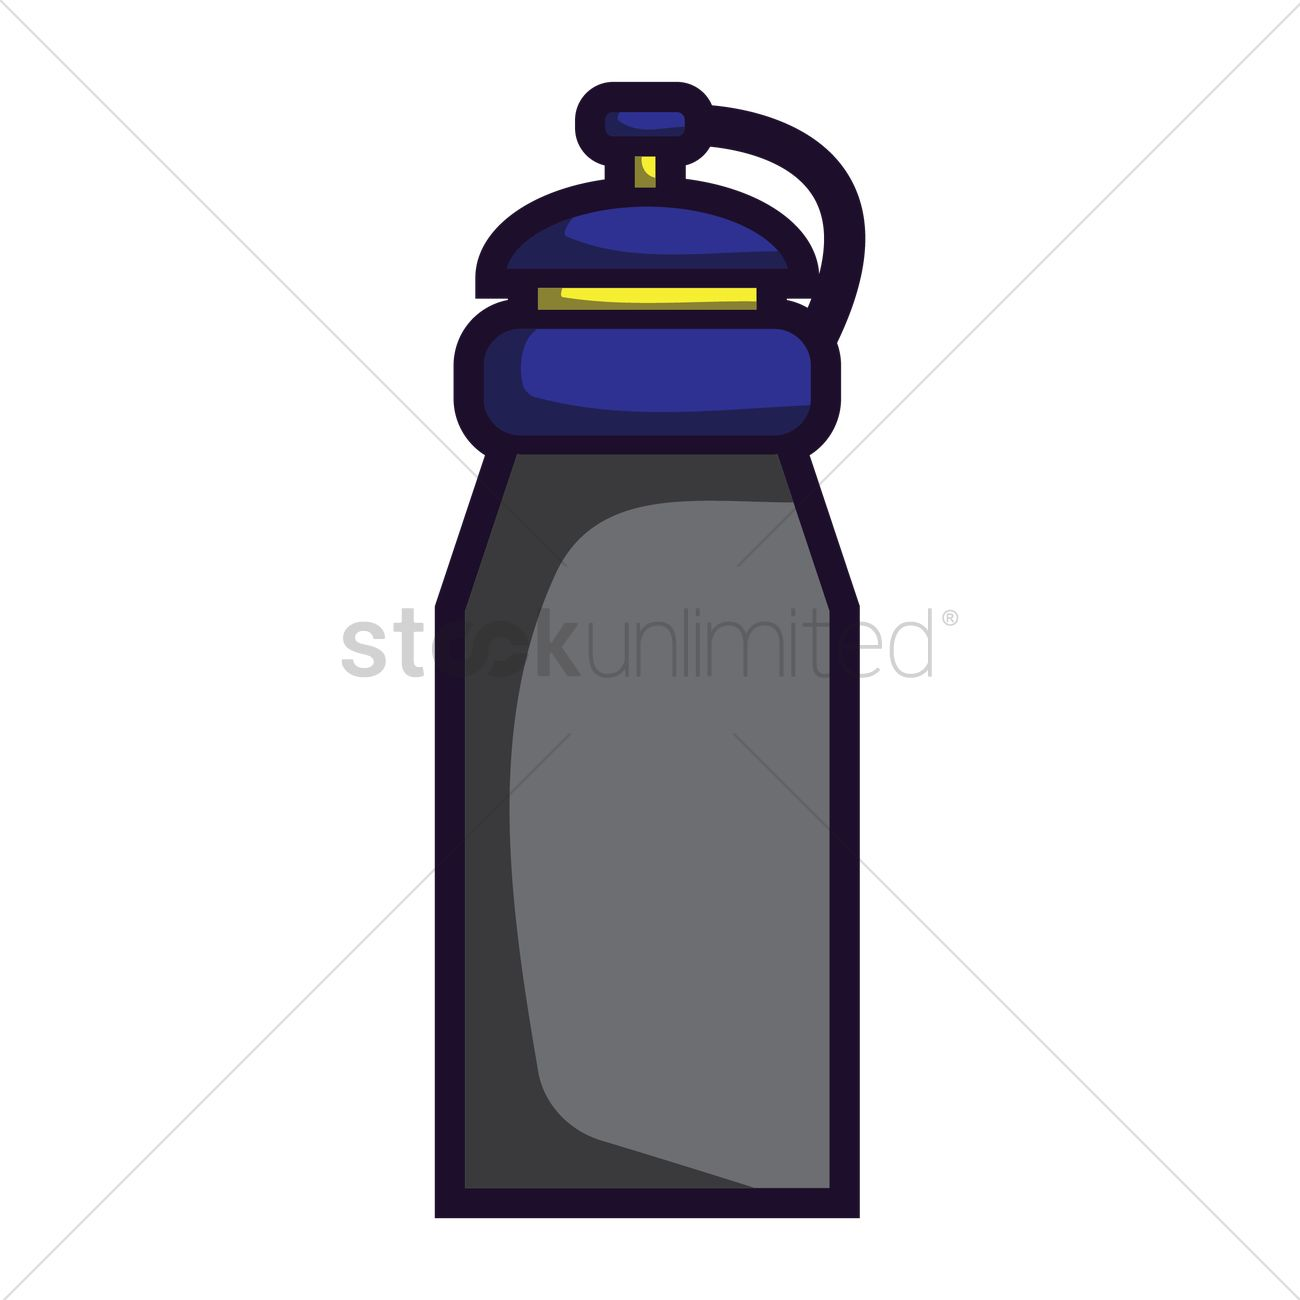 Water Bottle Vector: Sport Water Bottle Vector Image - 1870548